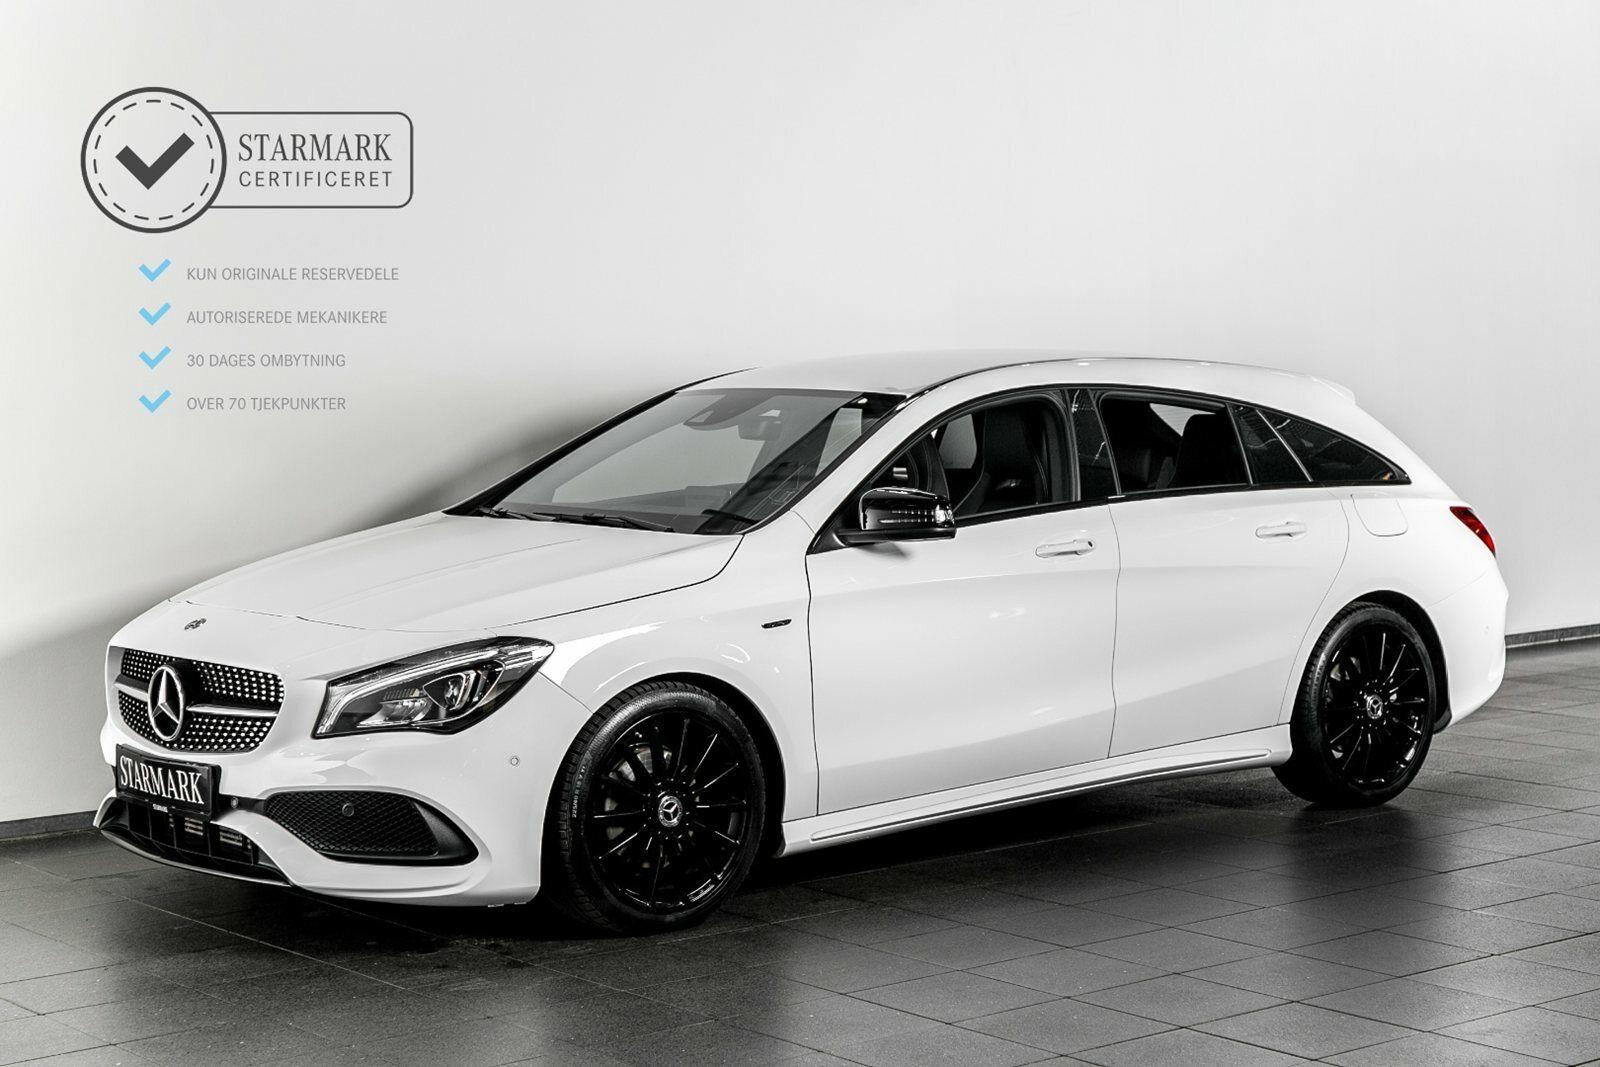 Mercedes CLA220 d 2,2 Final Edition SB aut. 5d - 414.900 kr.